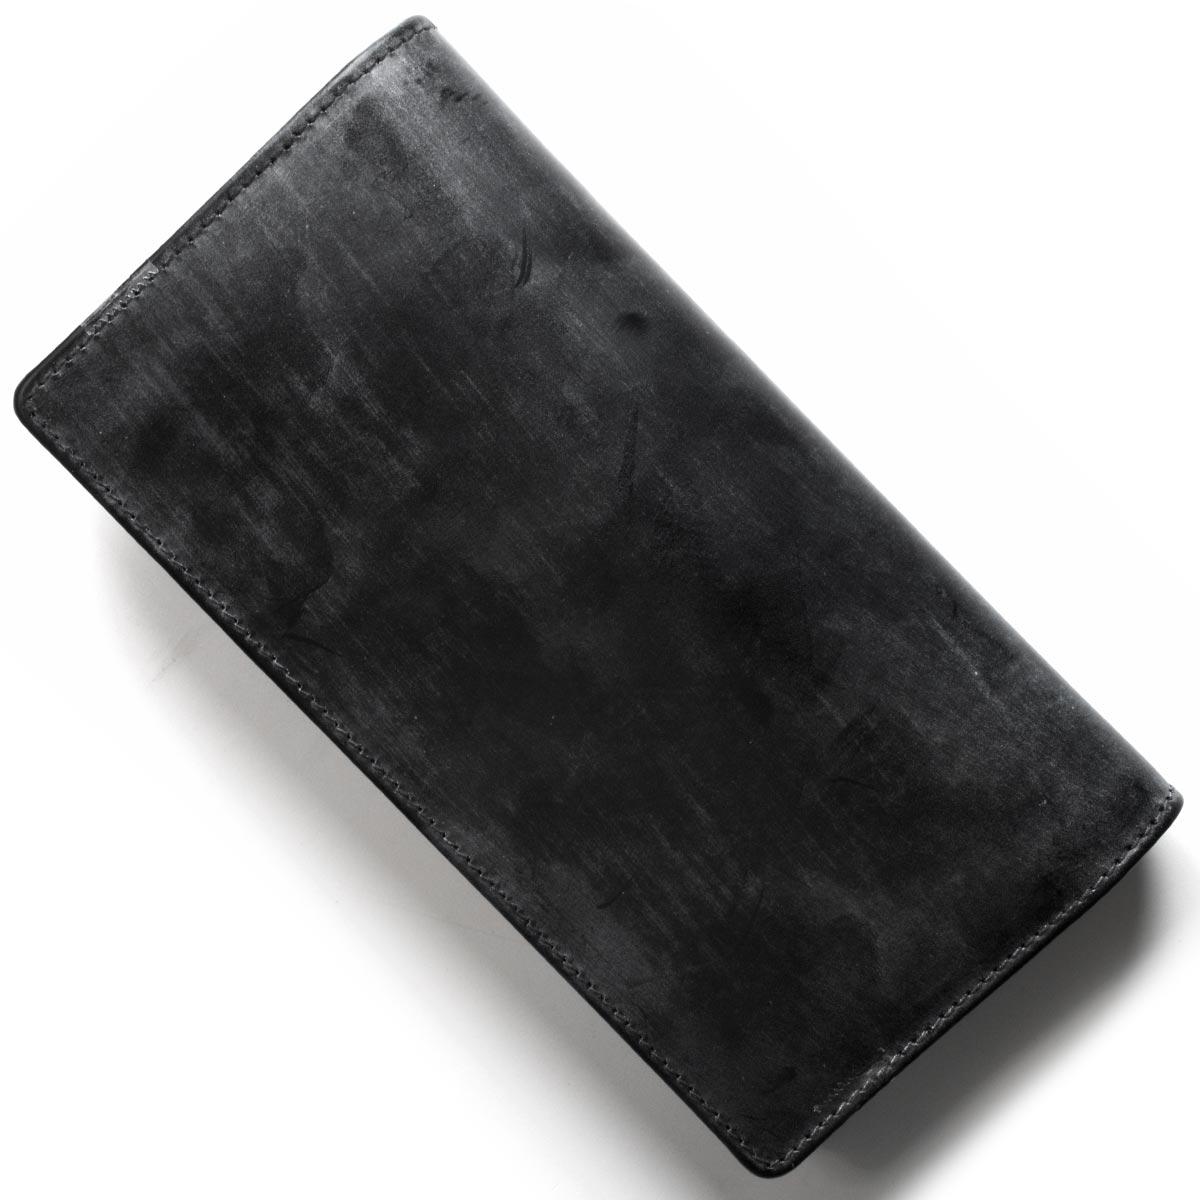 outlet store ea4d7 a23ea ホワイトハウスコックス 財布·ケース 長財布 ハミルトン 財布 ...